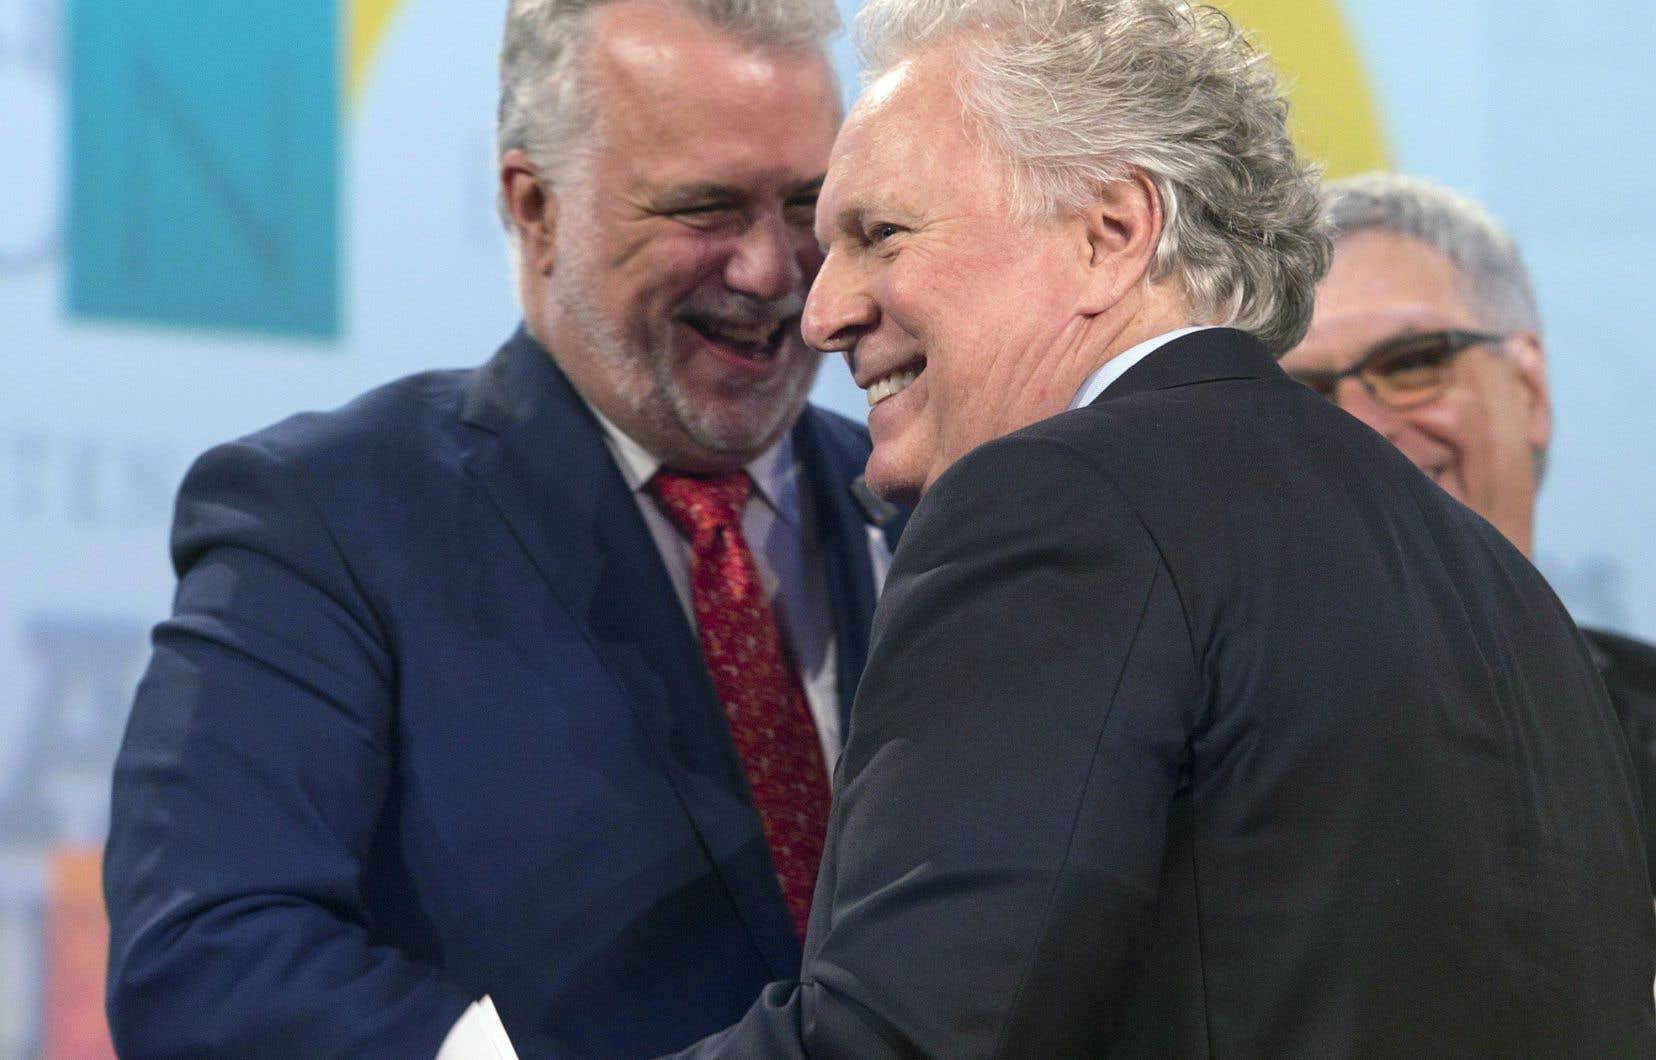 Le congrès du Parti libéral du Québec a été marqué par la présence, samedi, de l'ancien premier ministre Jean Charest. Celui-ci a rendu hommage à son successeur, Philippe Couillard, lors des célébrations soulignant les 150 ans d'existence du parti.